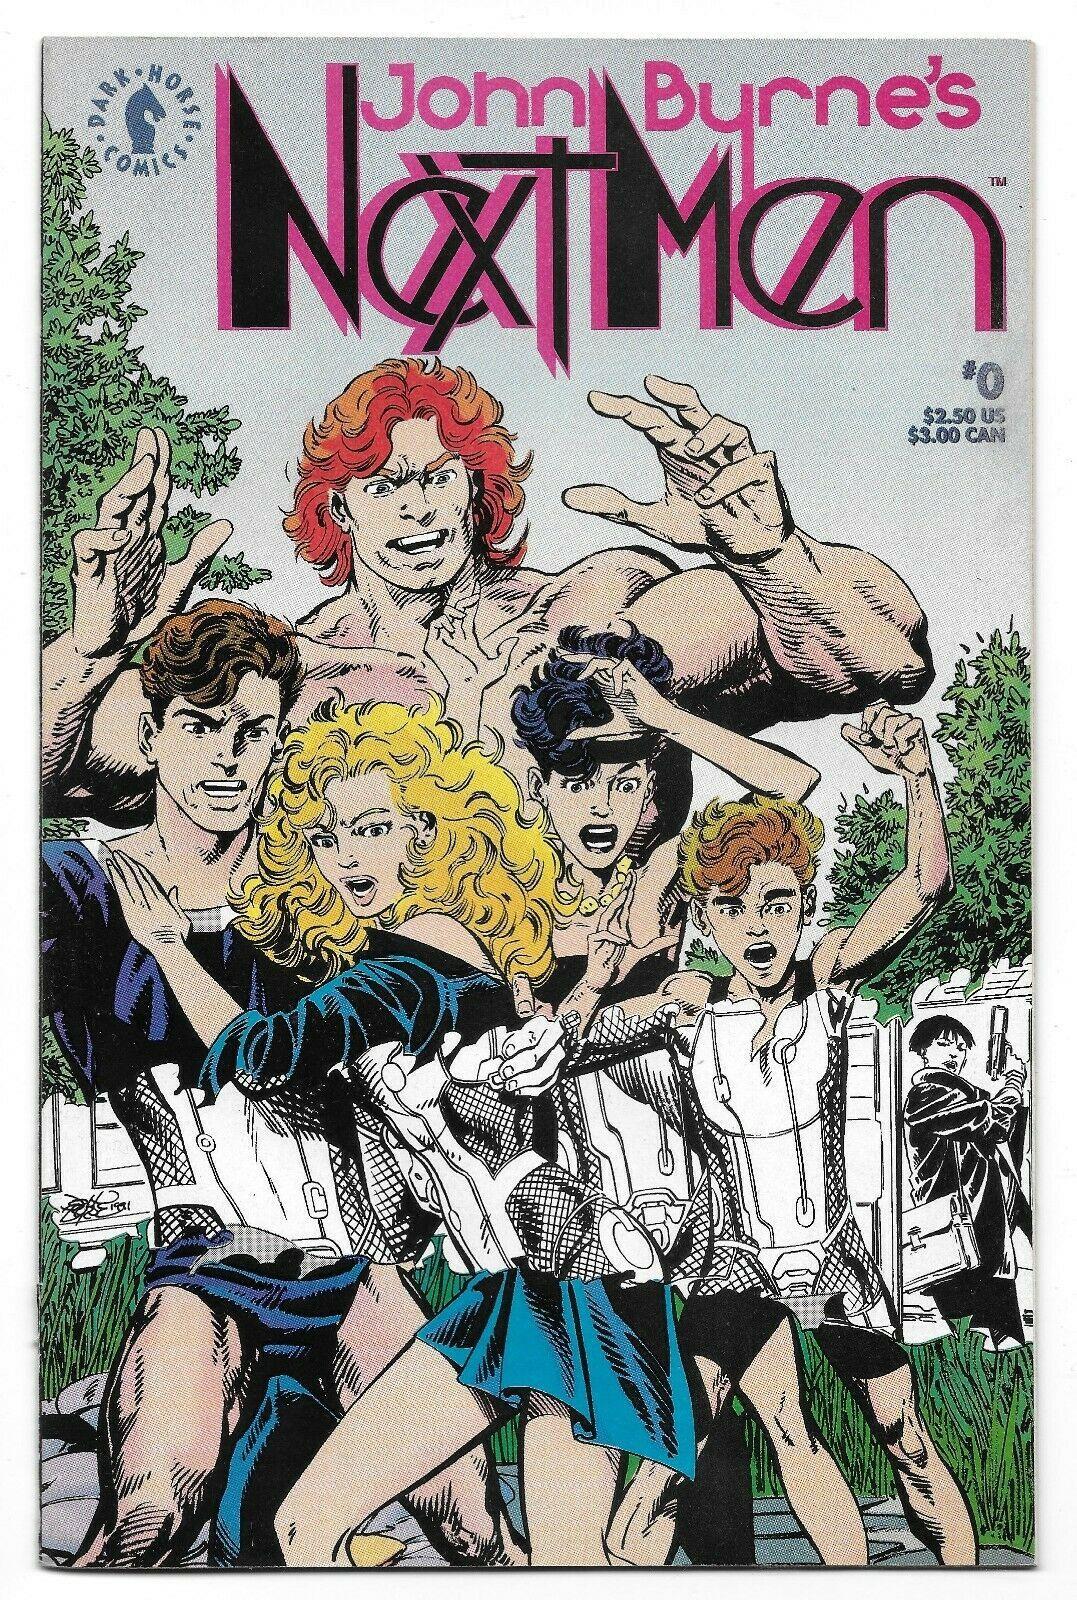 1992 John Byrne's Next Men Comic #0 from Dark Horse Comics - $1.98